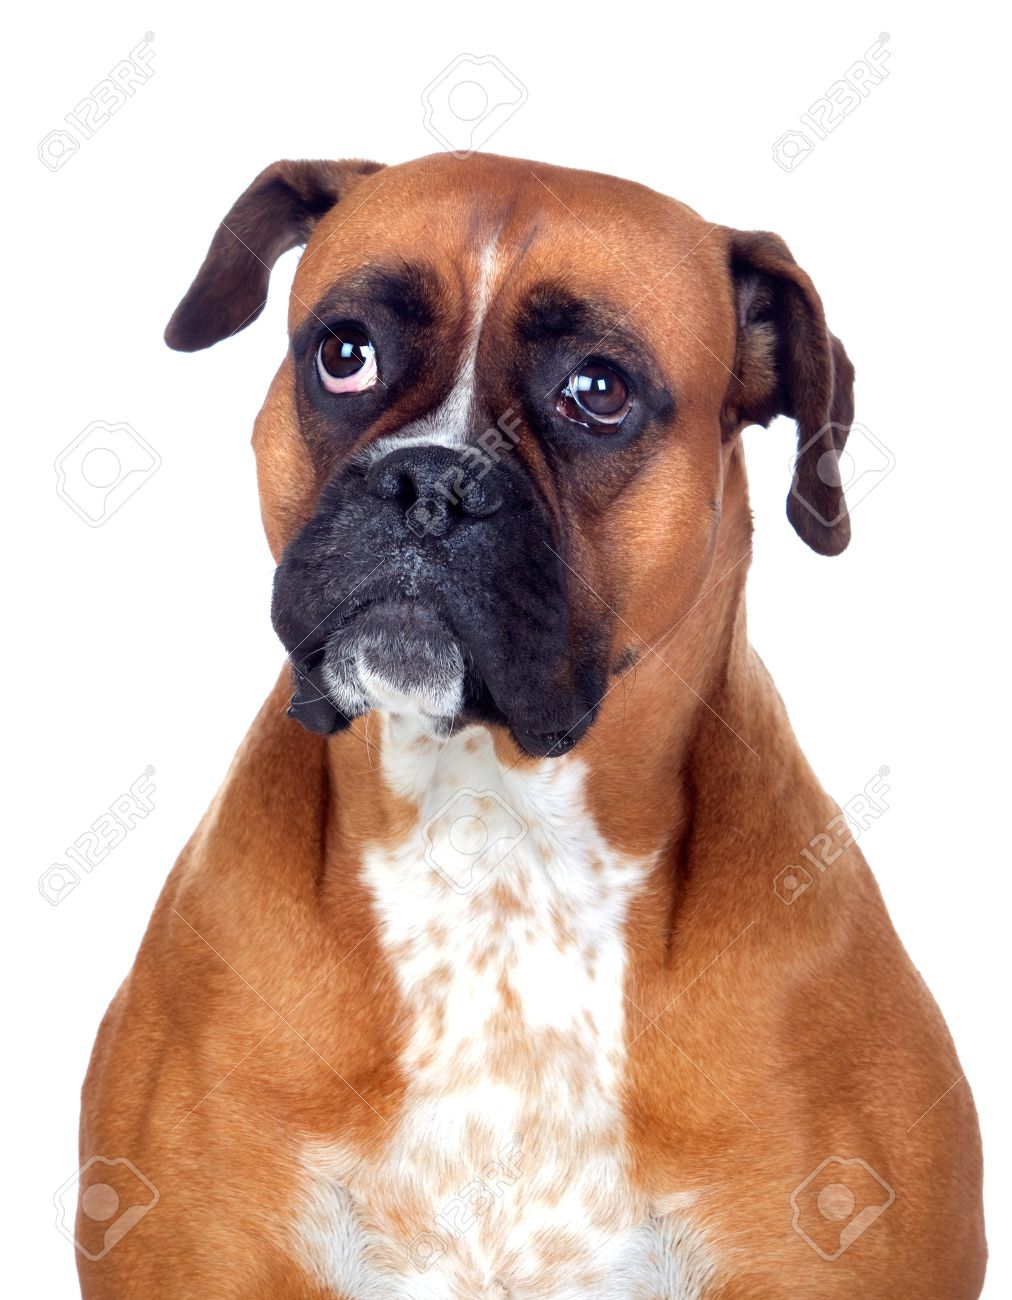 Beautiful Boxer dog isolated on white background Stock Photo - 14583777